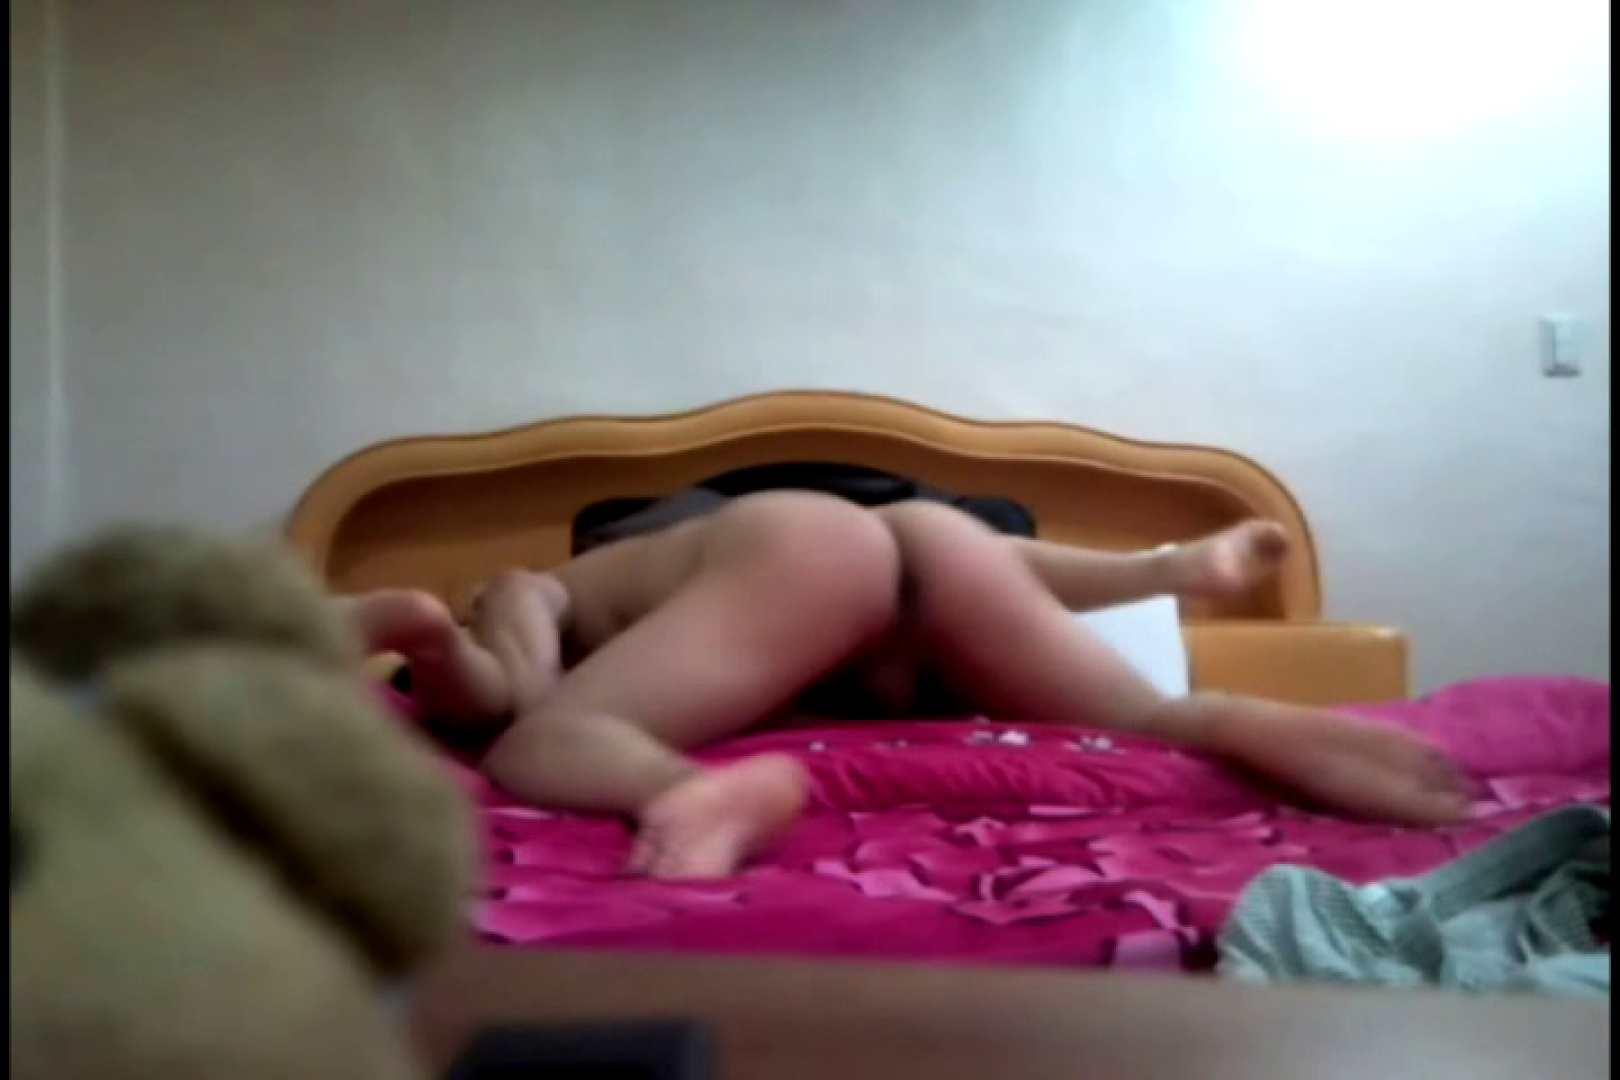 コリアン素人流出シリーズ ラブホテル隠し撮り ラブホテル 隠し撮りオマンコ動画紹介 59PIX 15